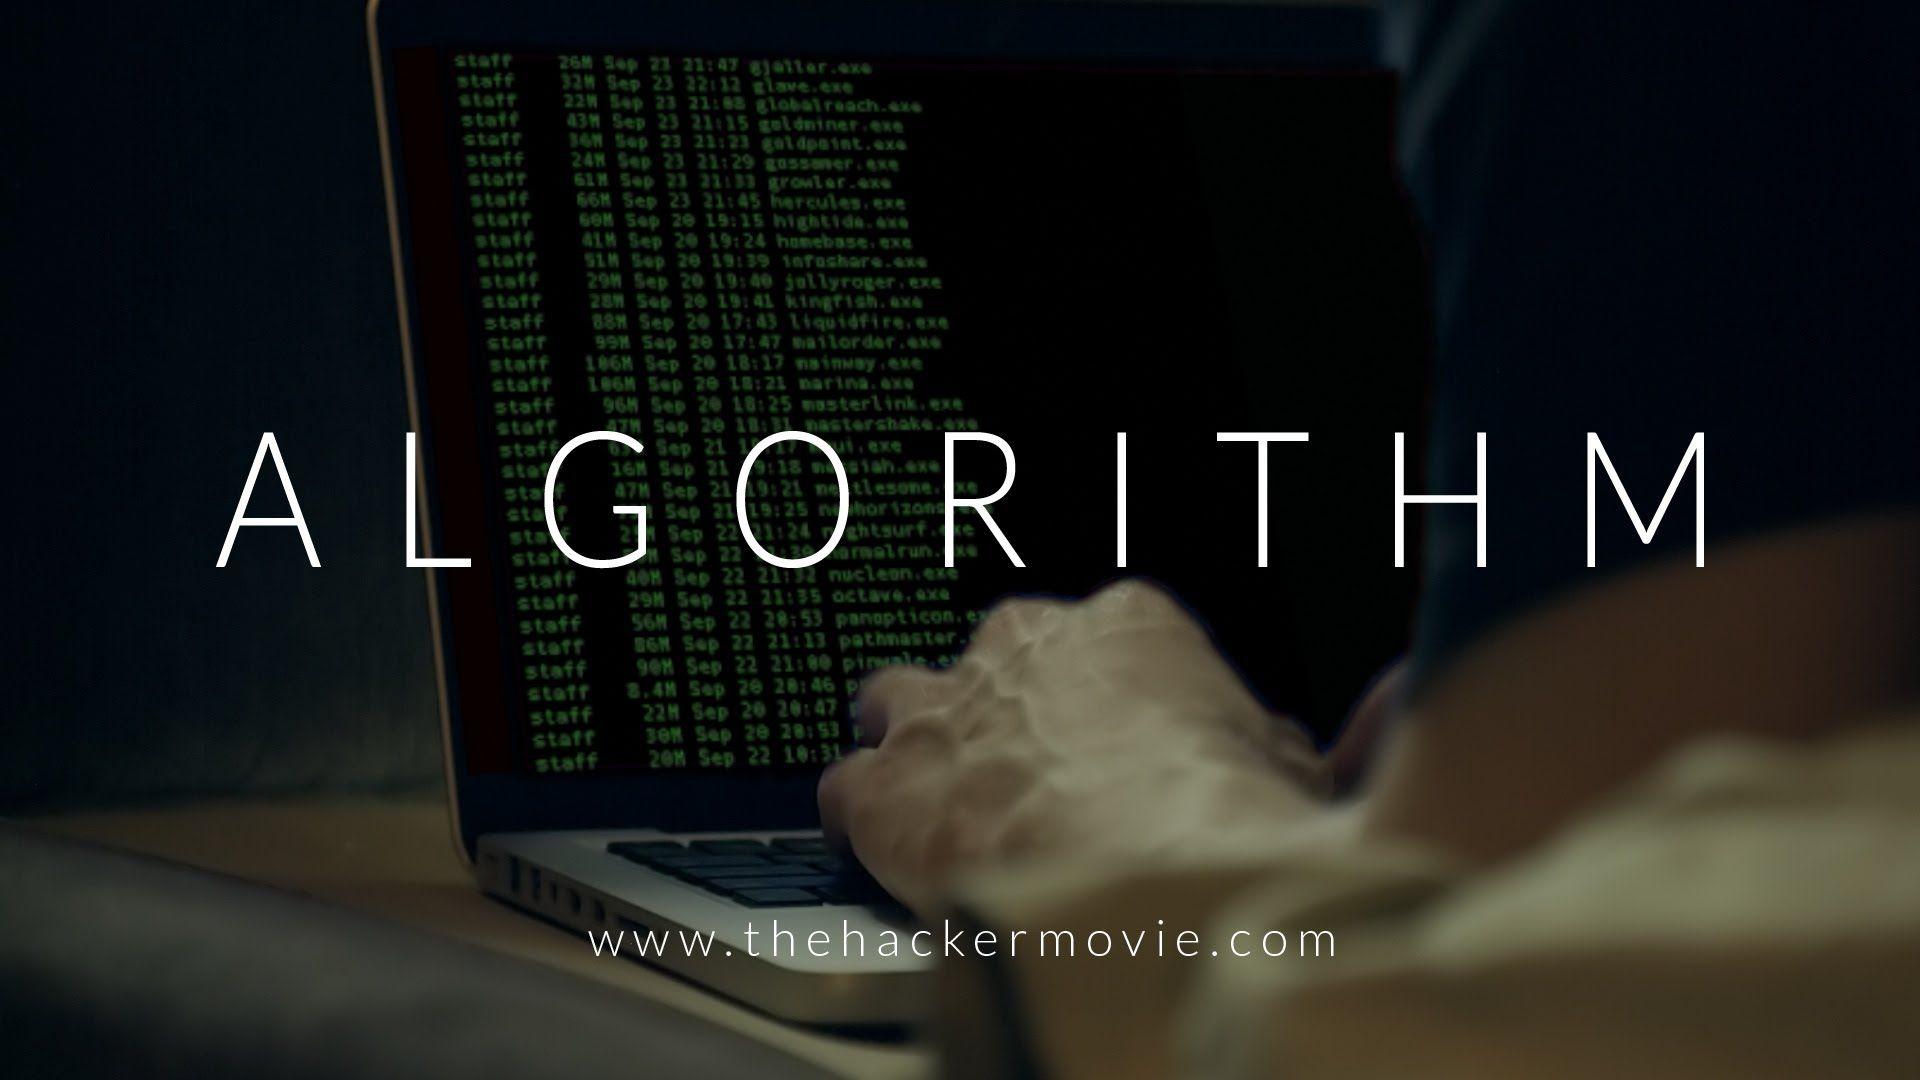 الگوریتم و فلوچارت (خلاصه و مفید)